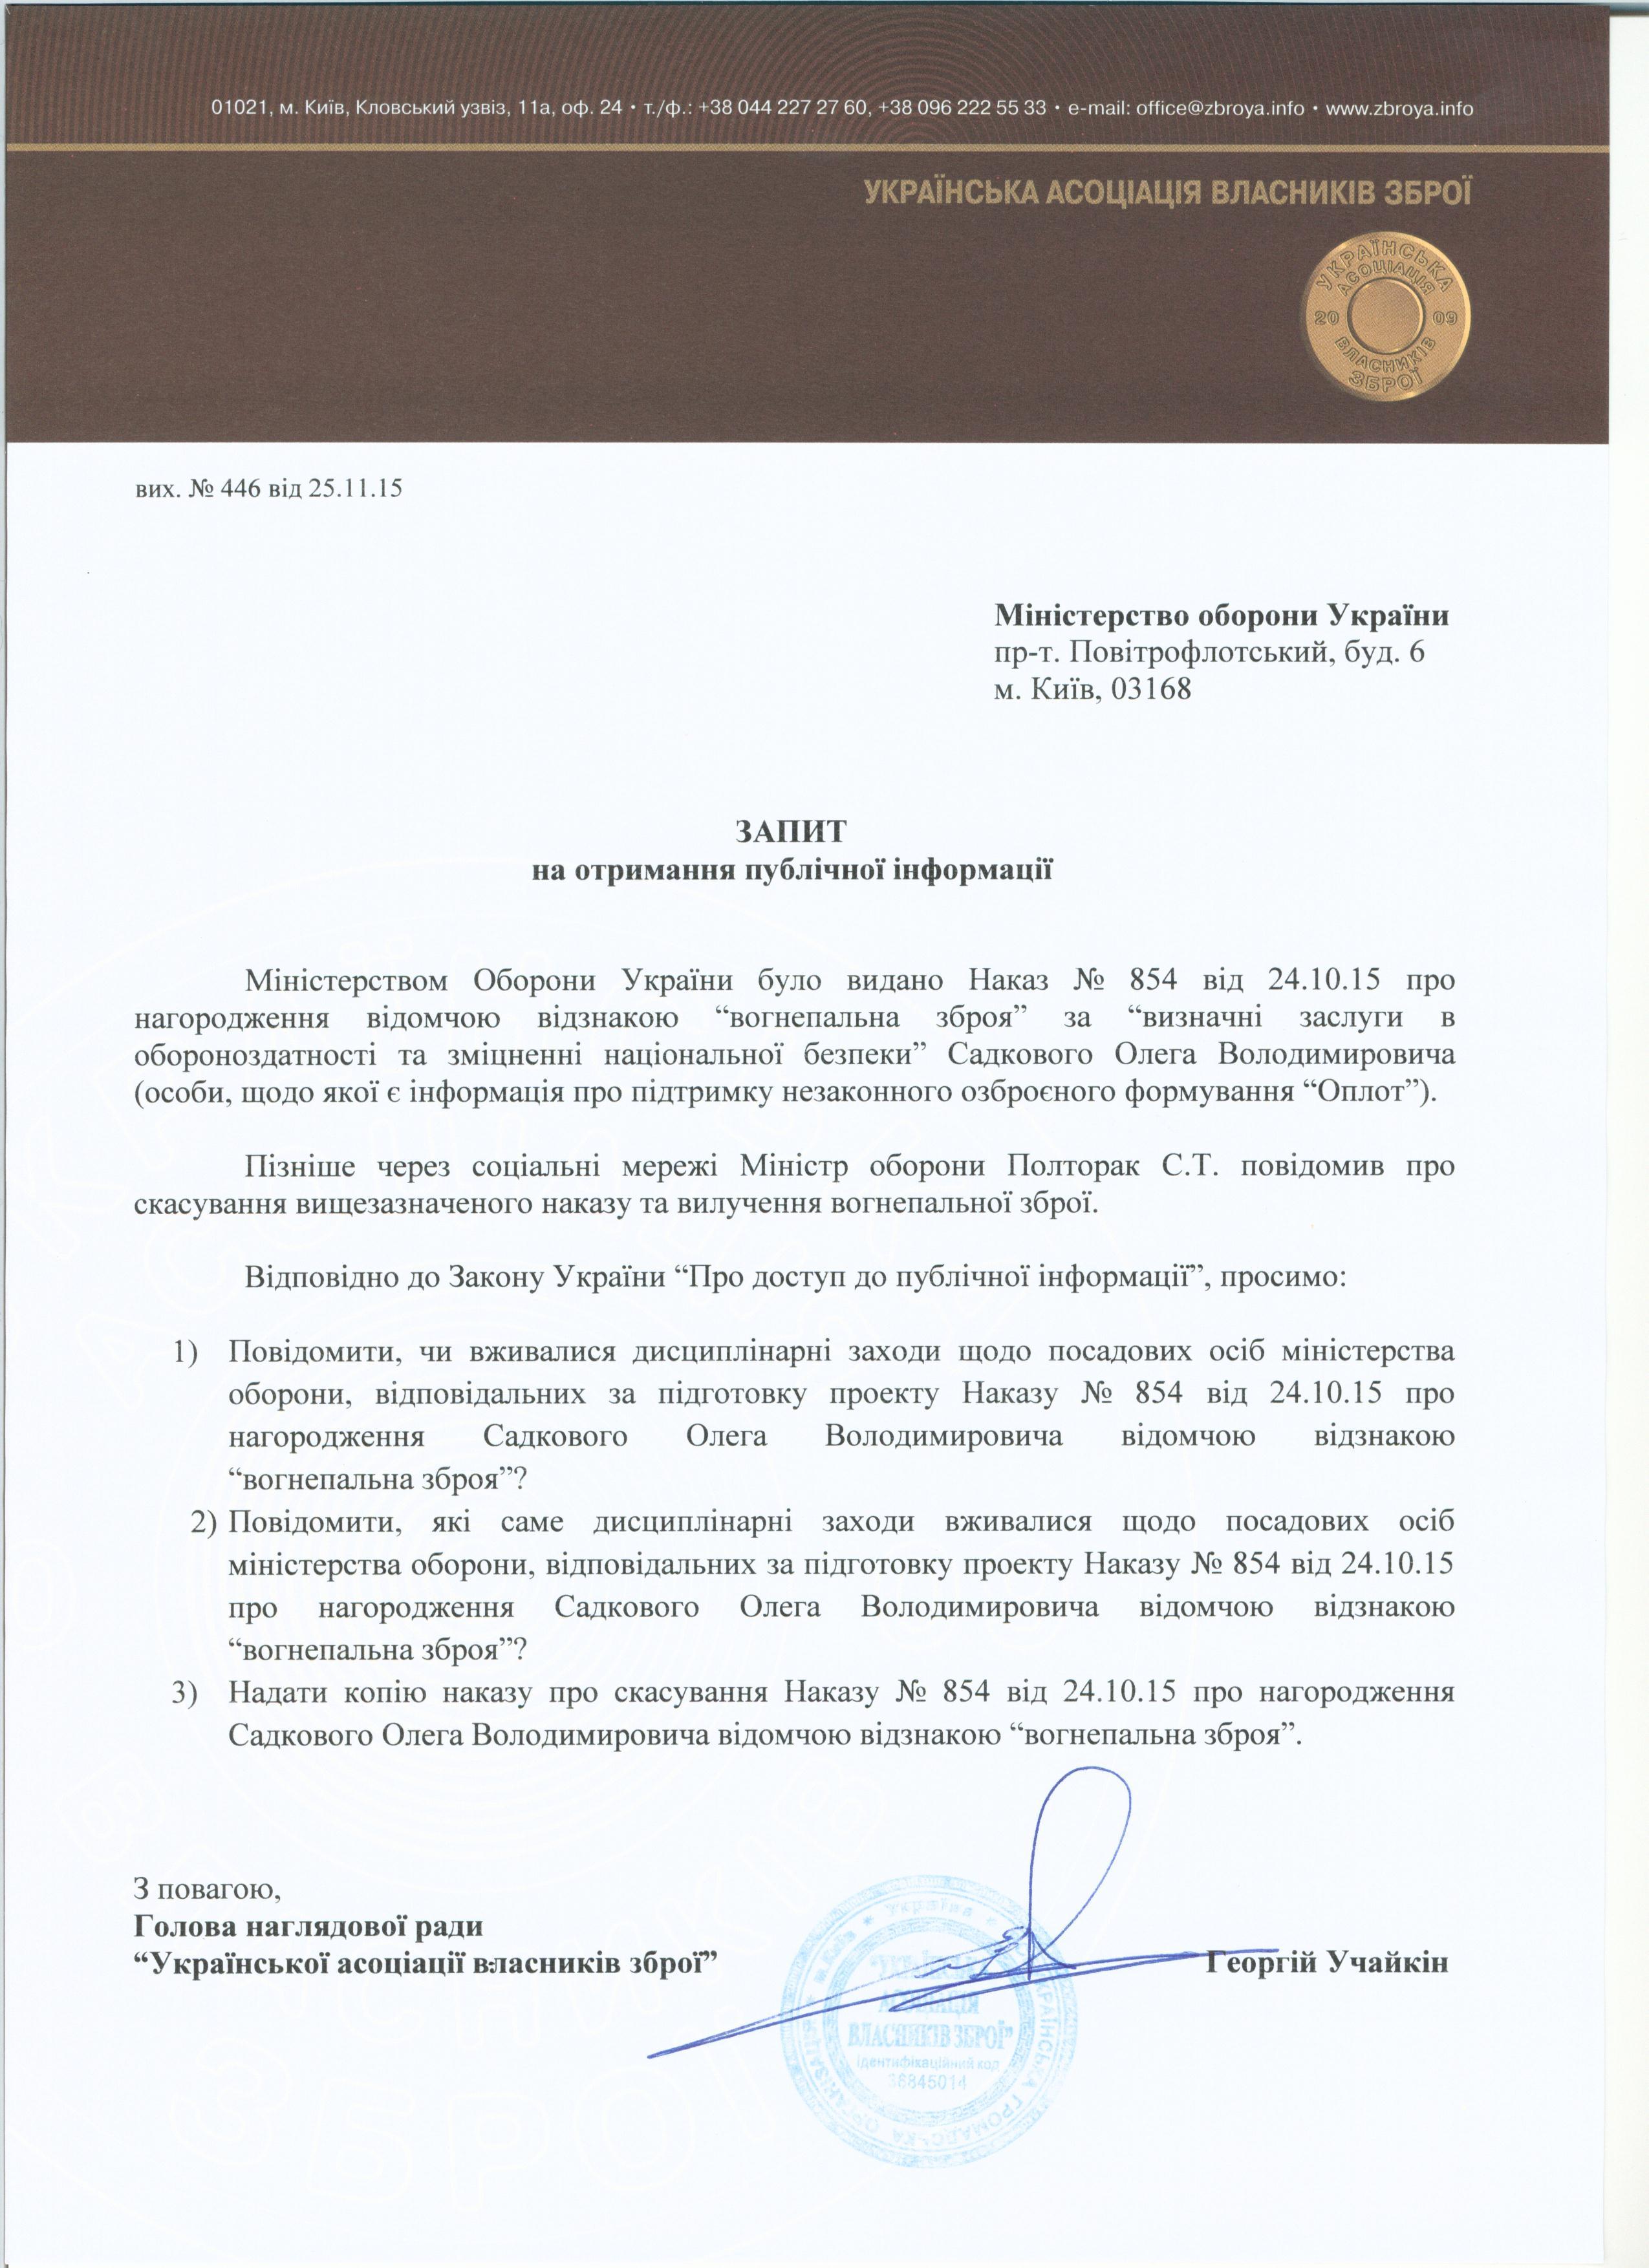 Особливості видачі нагородної зброї в Україні Запит_в_Міністерство_оборони_України